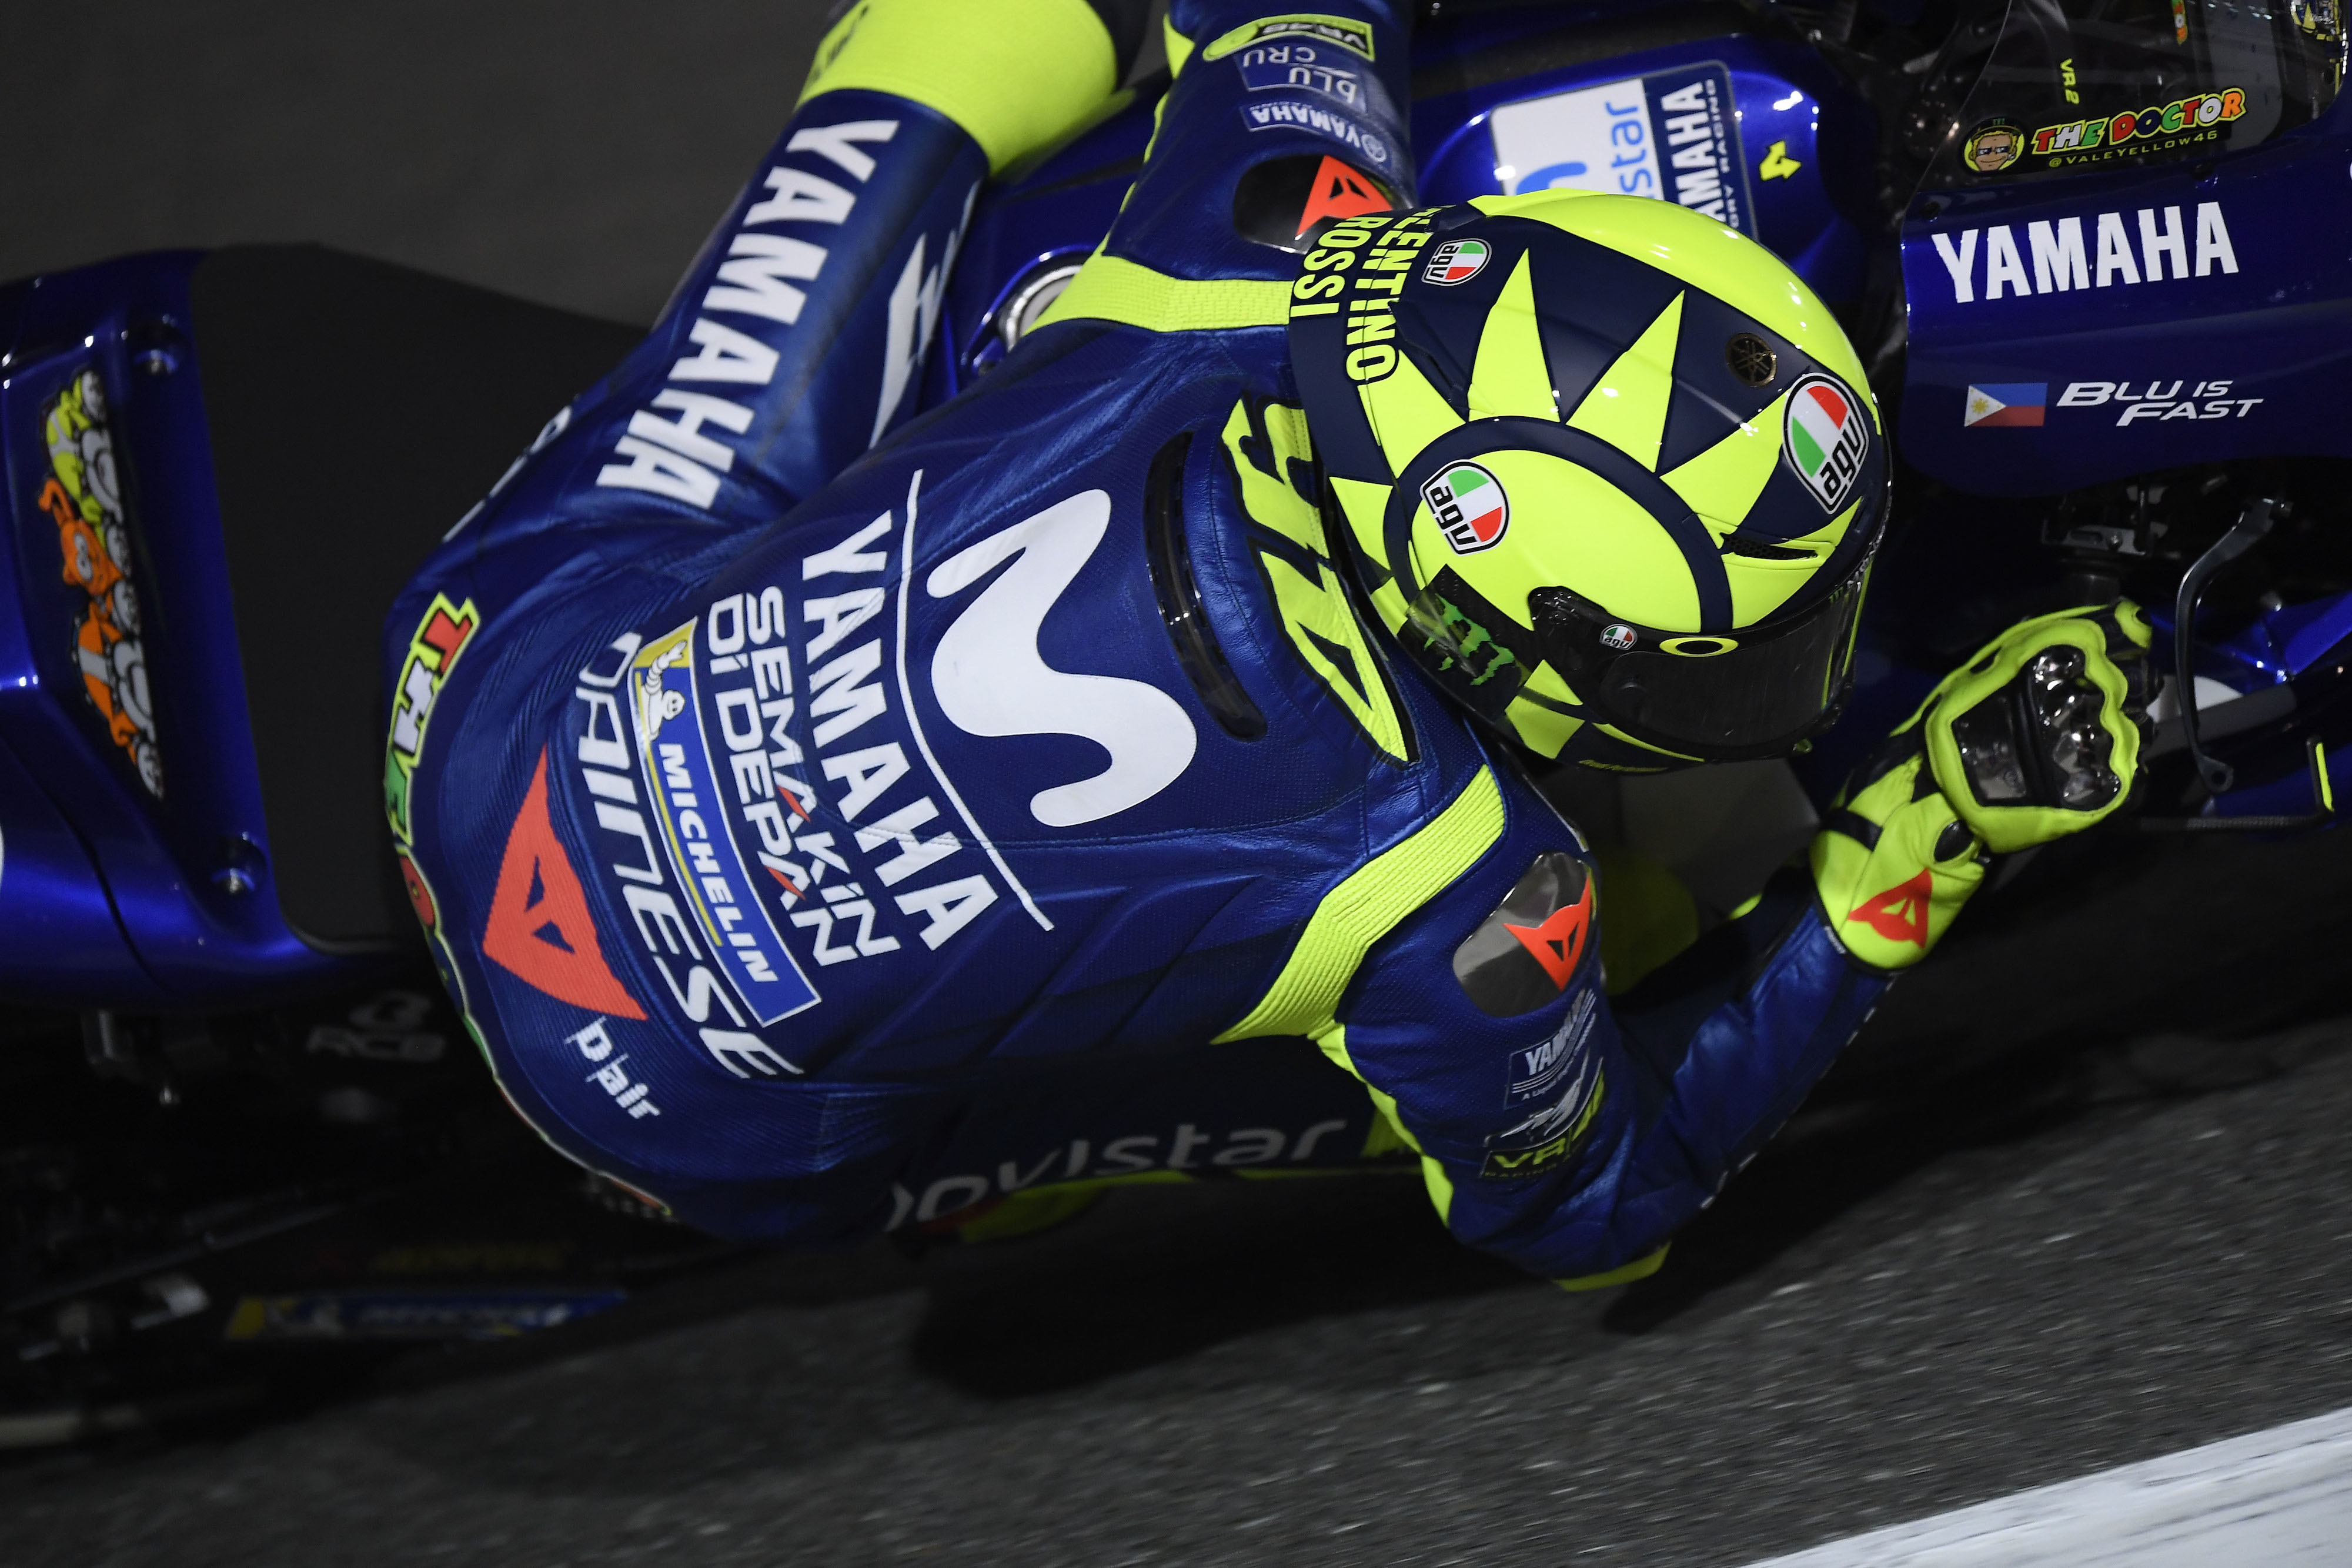 Résumé du MotoGP du Qatar 2018